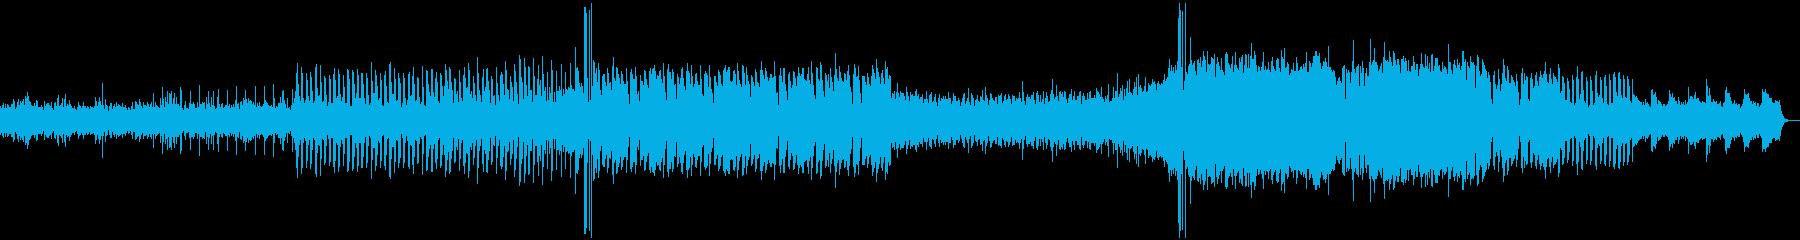 企業VP向け4爽やかなハウスEDM企業Vの再生済みの波形